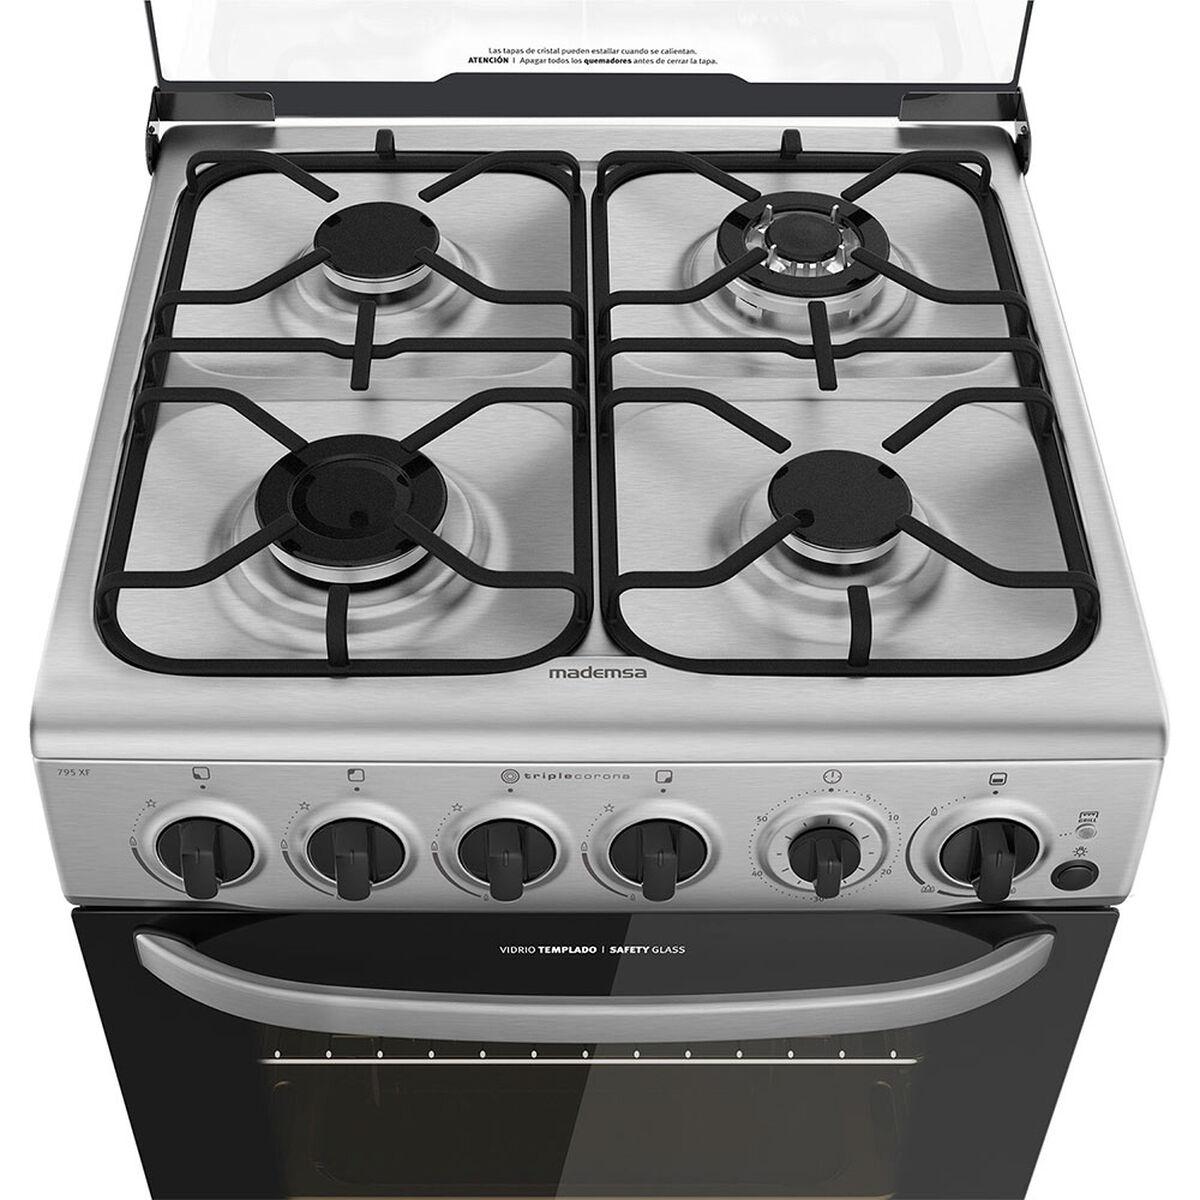 Cocina a Gas Mademsa 795XF 4 Quemadores